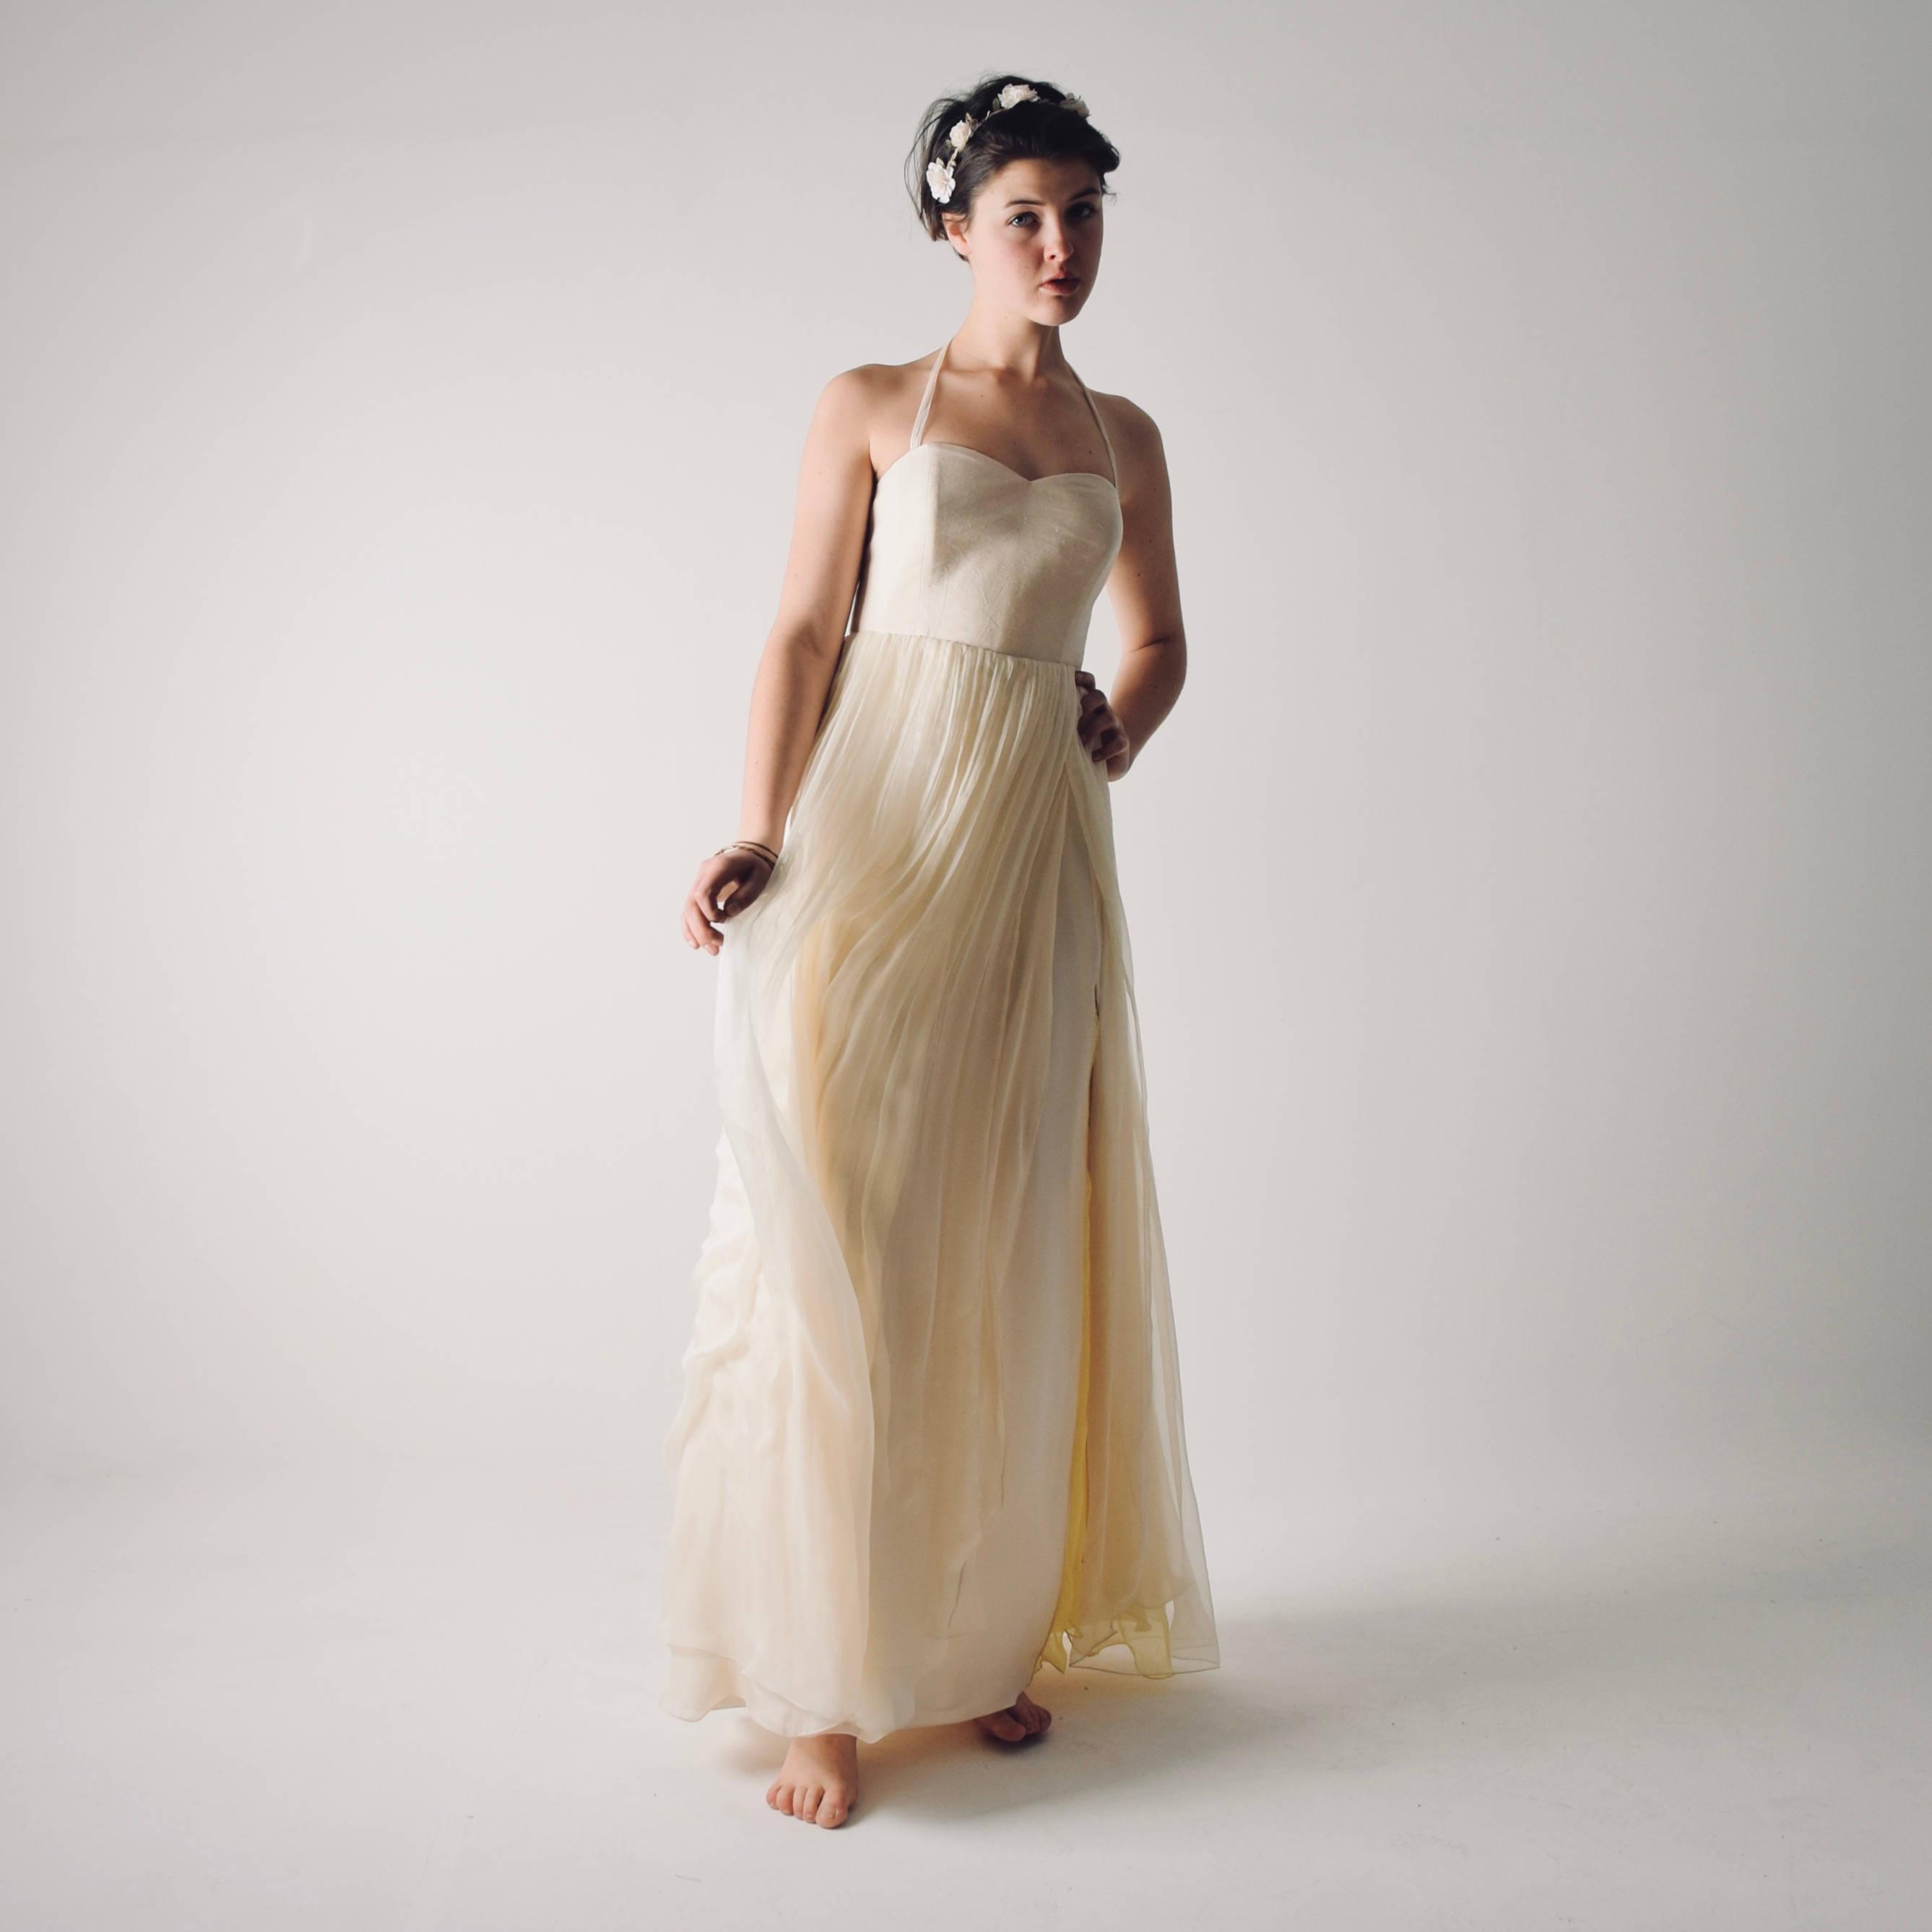 Eco Bridal Dresses For The Summer Bride: Narcissus >> Larimeloom